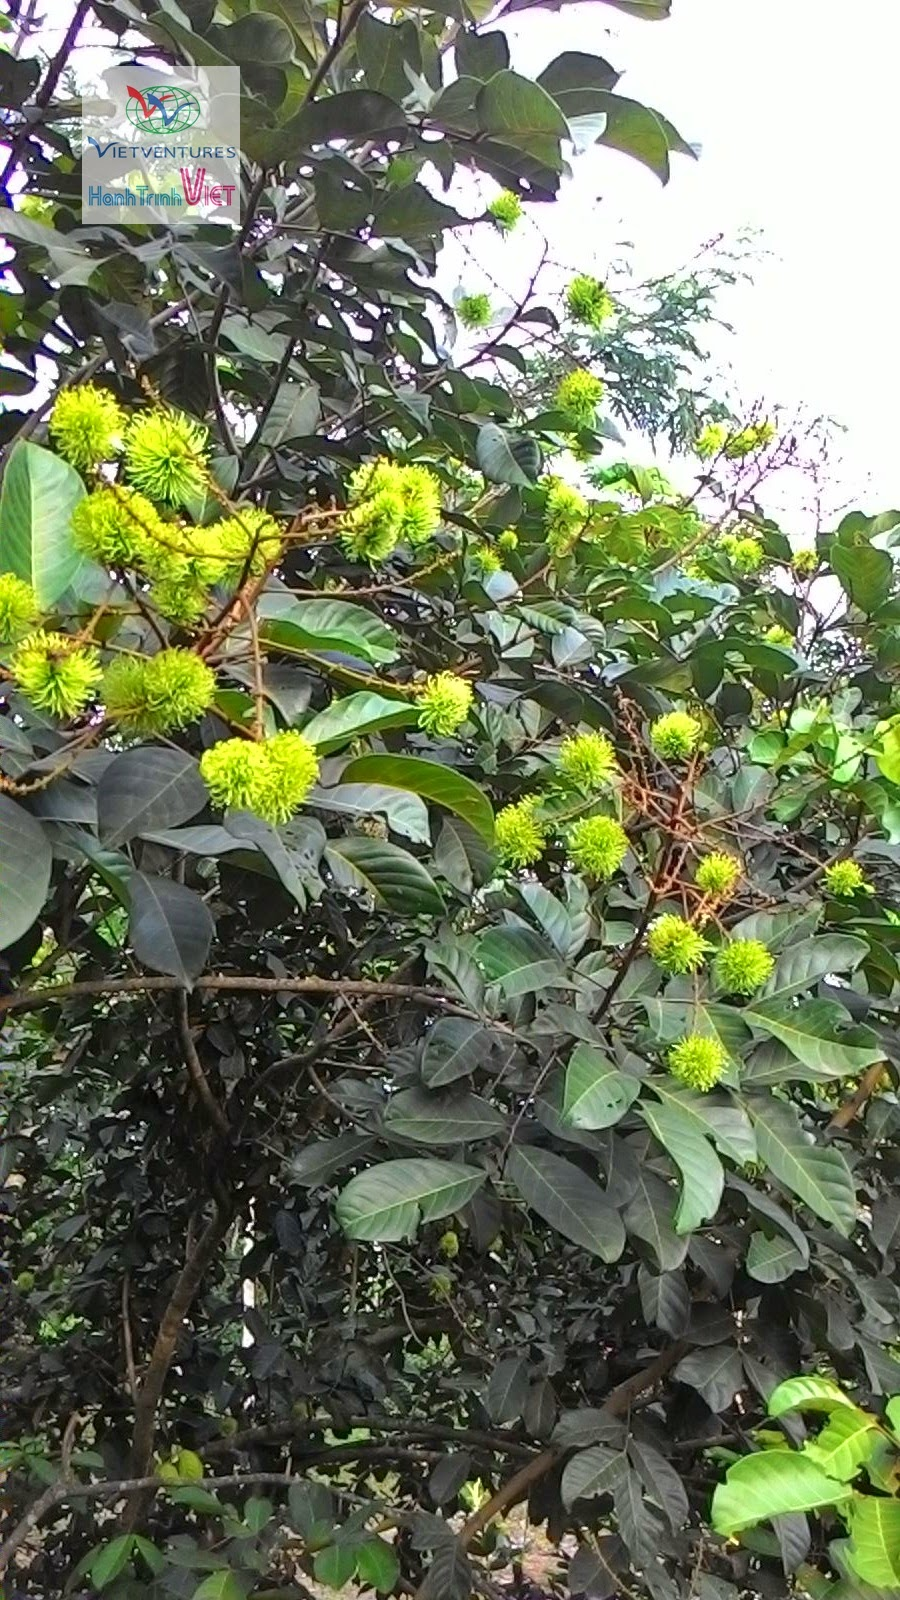 Hè sắp về, trái cây cũng sắp về ở Sông Nhạn, Đồng Nai